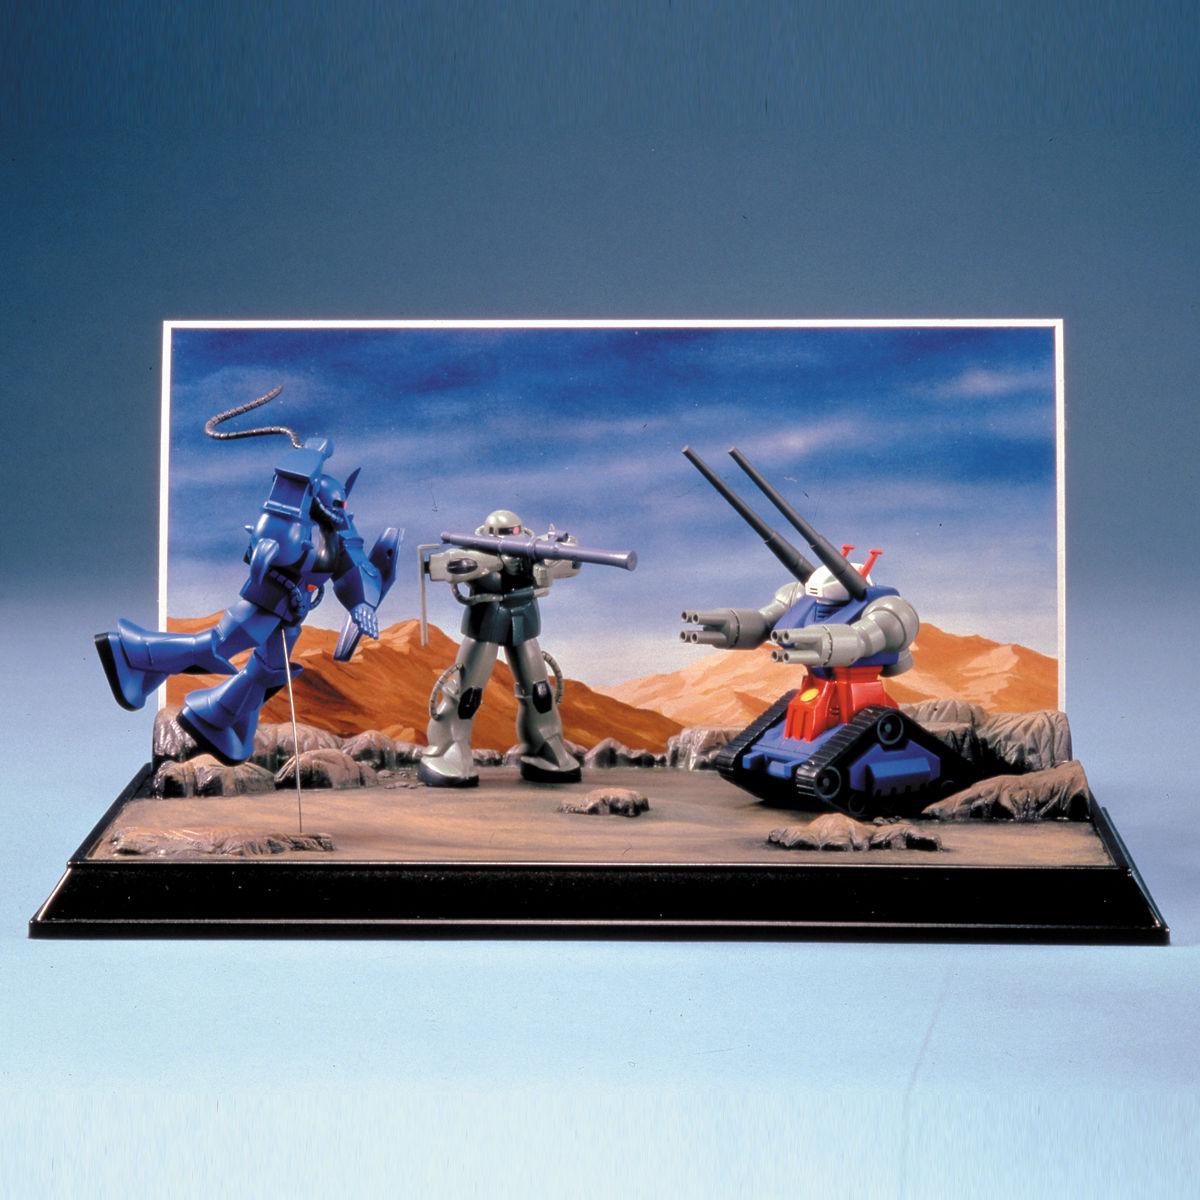 72094ガンダム情景模型 1/250 A ランバ・ラル特攻 [Diorama sets Ramba Ral's Suicide Attack] 0011721